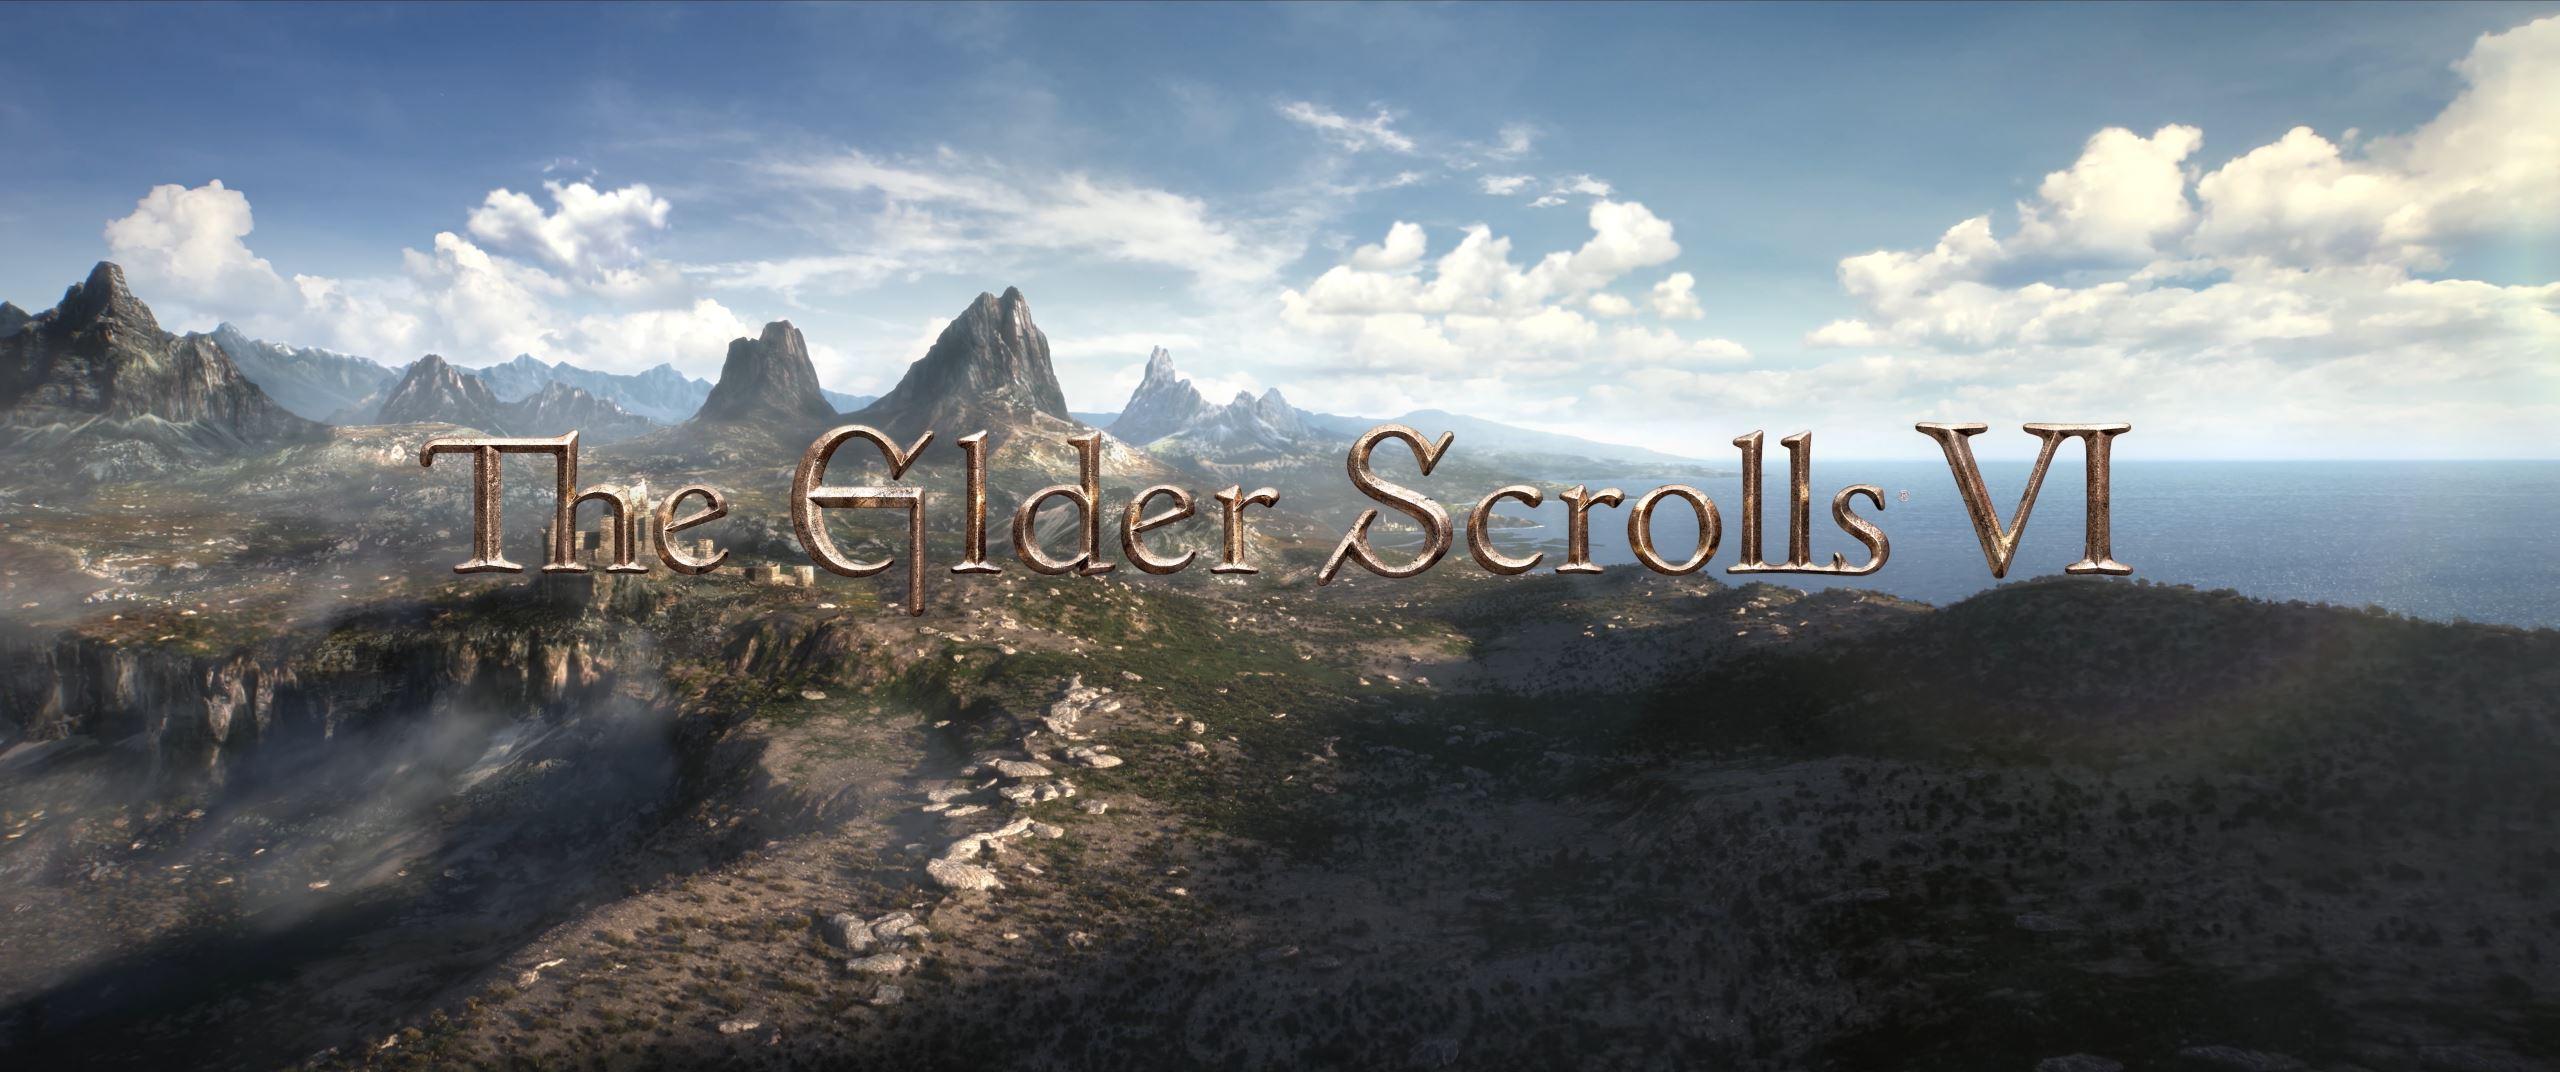 The Elder Scrolls 6 möglicherweise mit Multiplayer – Was könnte das bedeuten?